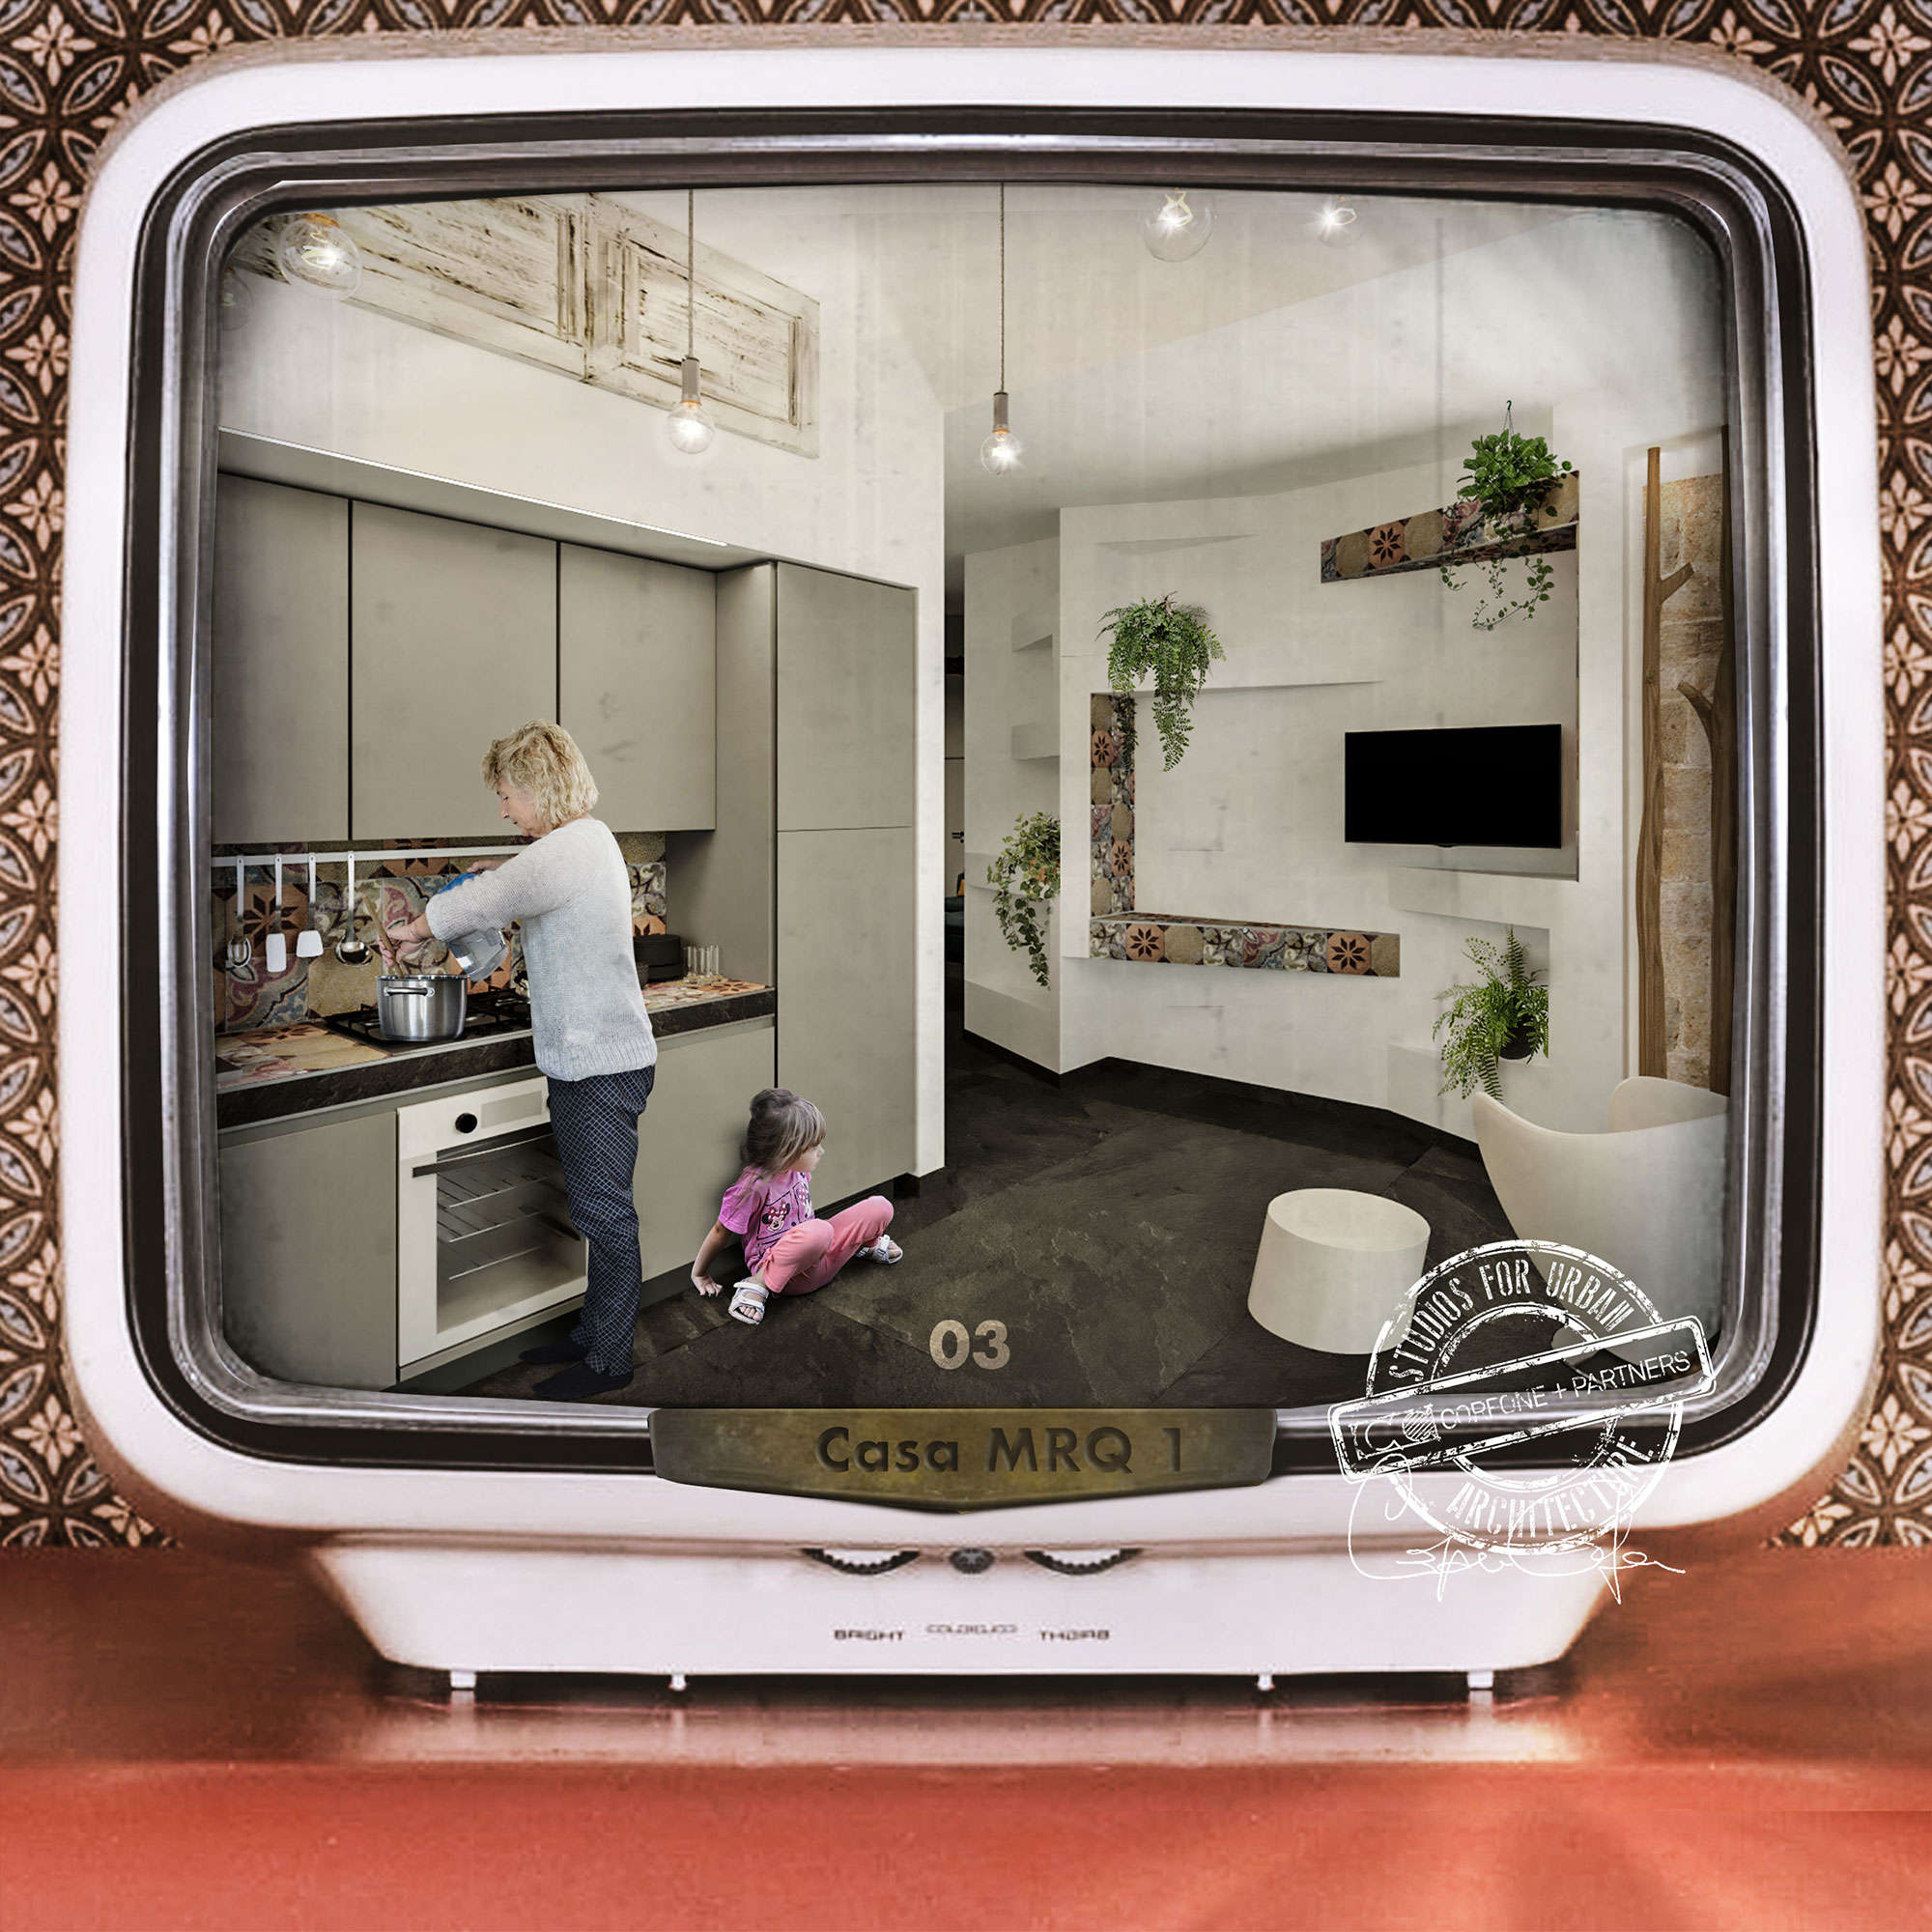 Casa-MRQ-Frazionamento-immobiliare-07-